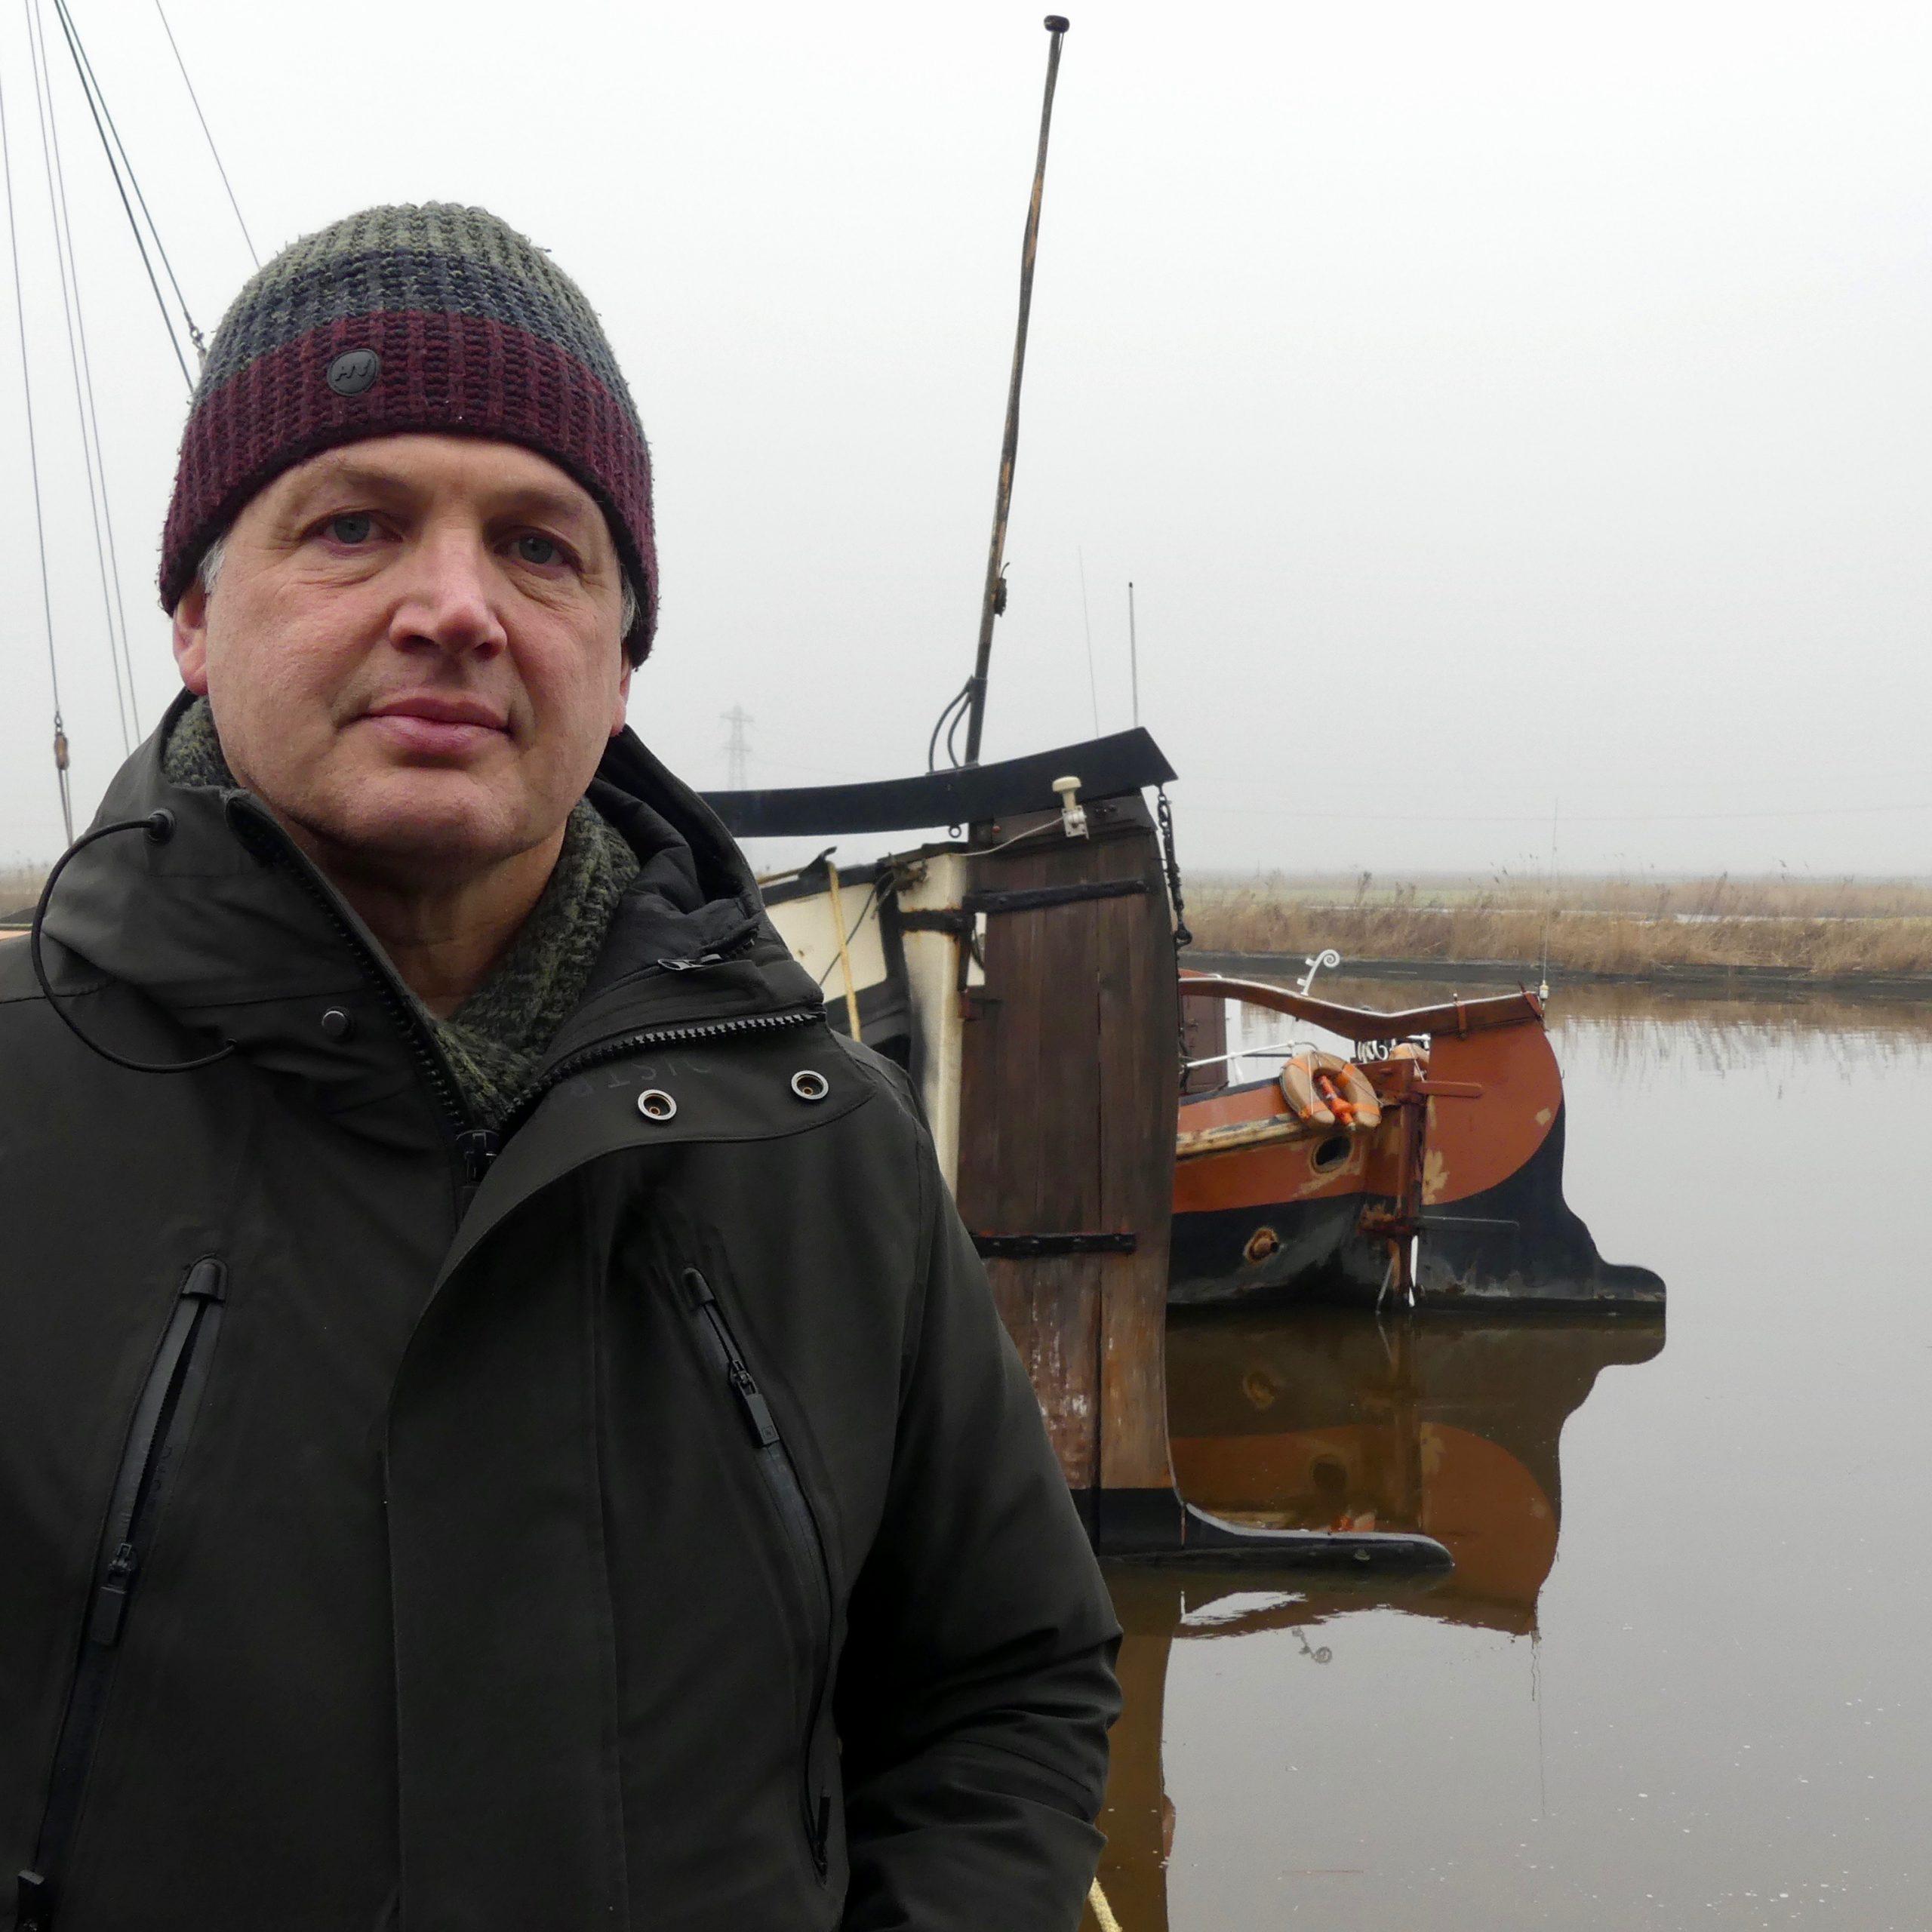 Dirk de Mooij bij de Excelsior en de Aaltje. 'De schippers betalen geen salaris. Sterker nog, ze krijgen een vergoeding voor de onkosten.' (Foto Heere Heeresma jr.)